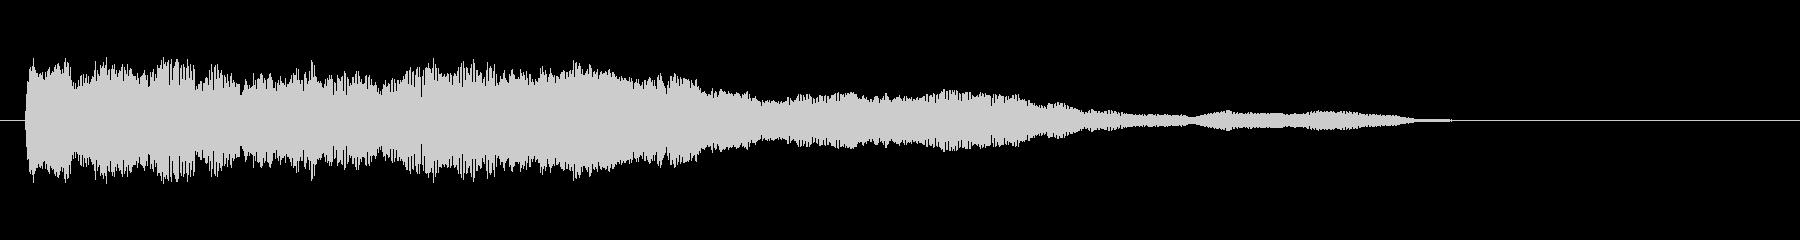 素材 シンセチャープ01の未再生の波形